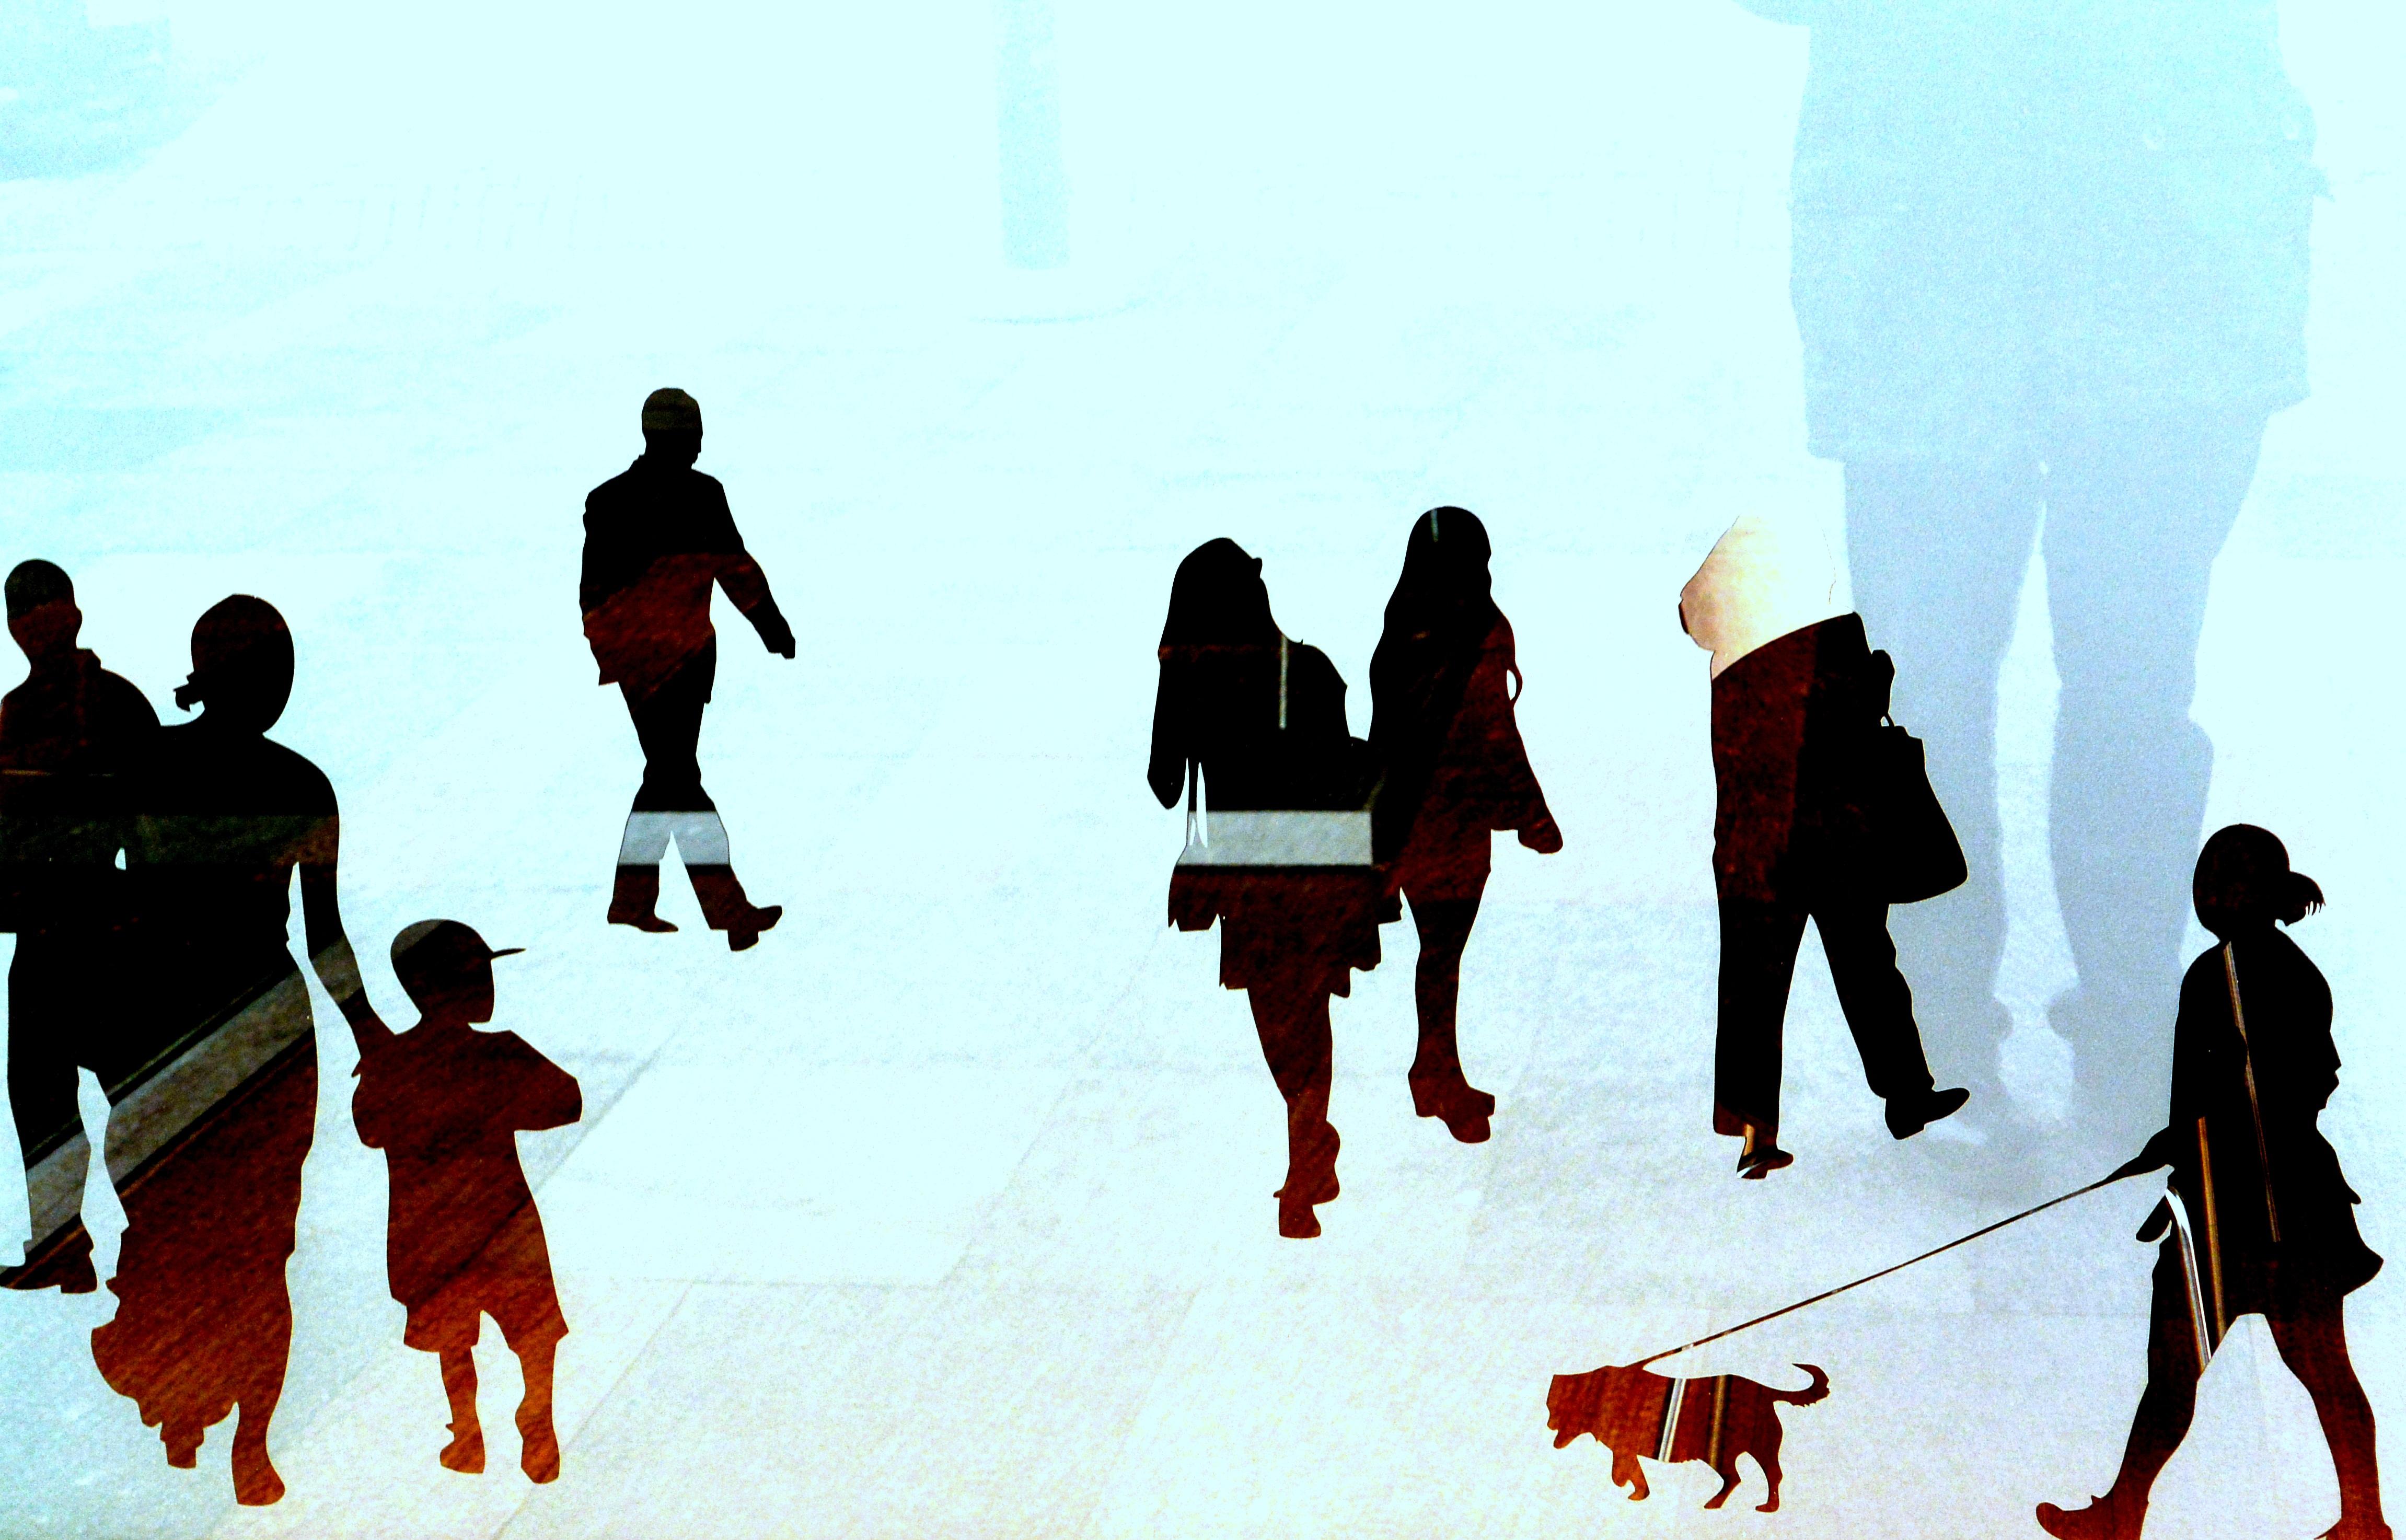 Gambar Bayangan Hitam Berjalan Musim Dingin Kelompok Orang